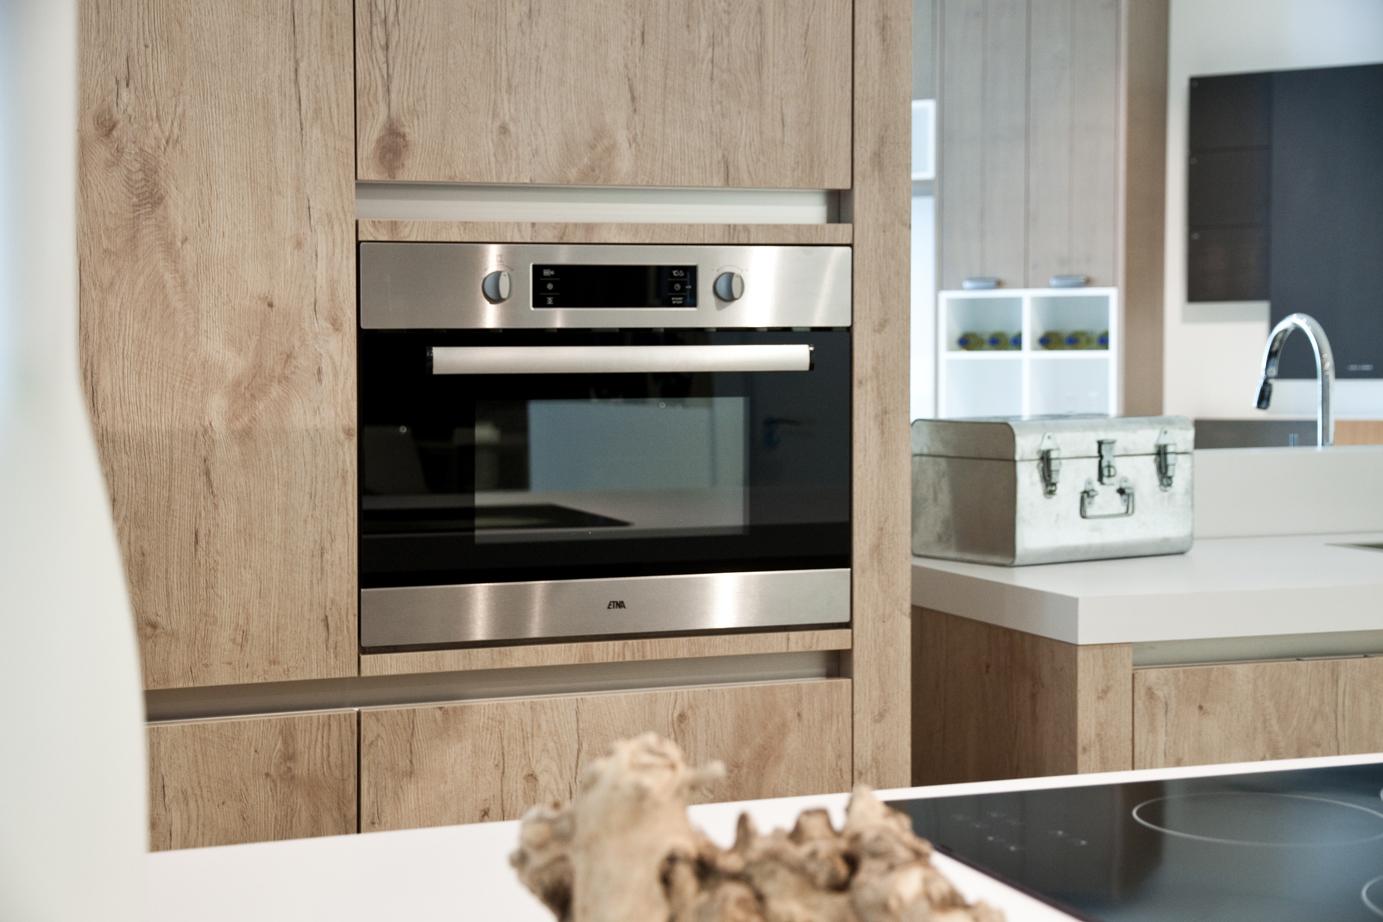 Vintage keuken te koop woonkeuken piet boon showroomuitverkoop keuken keuken met kookeiland te - Vintage keukens ...